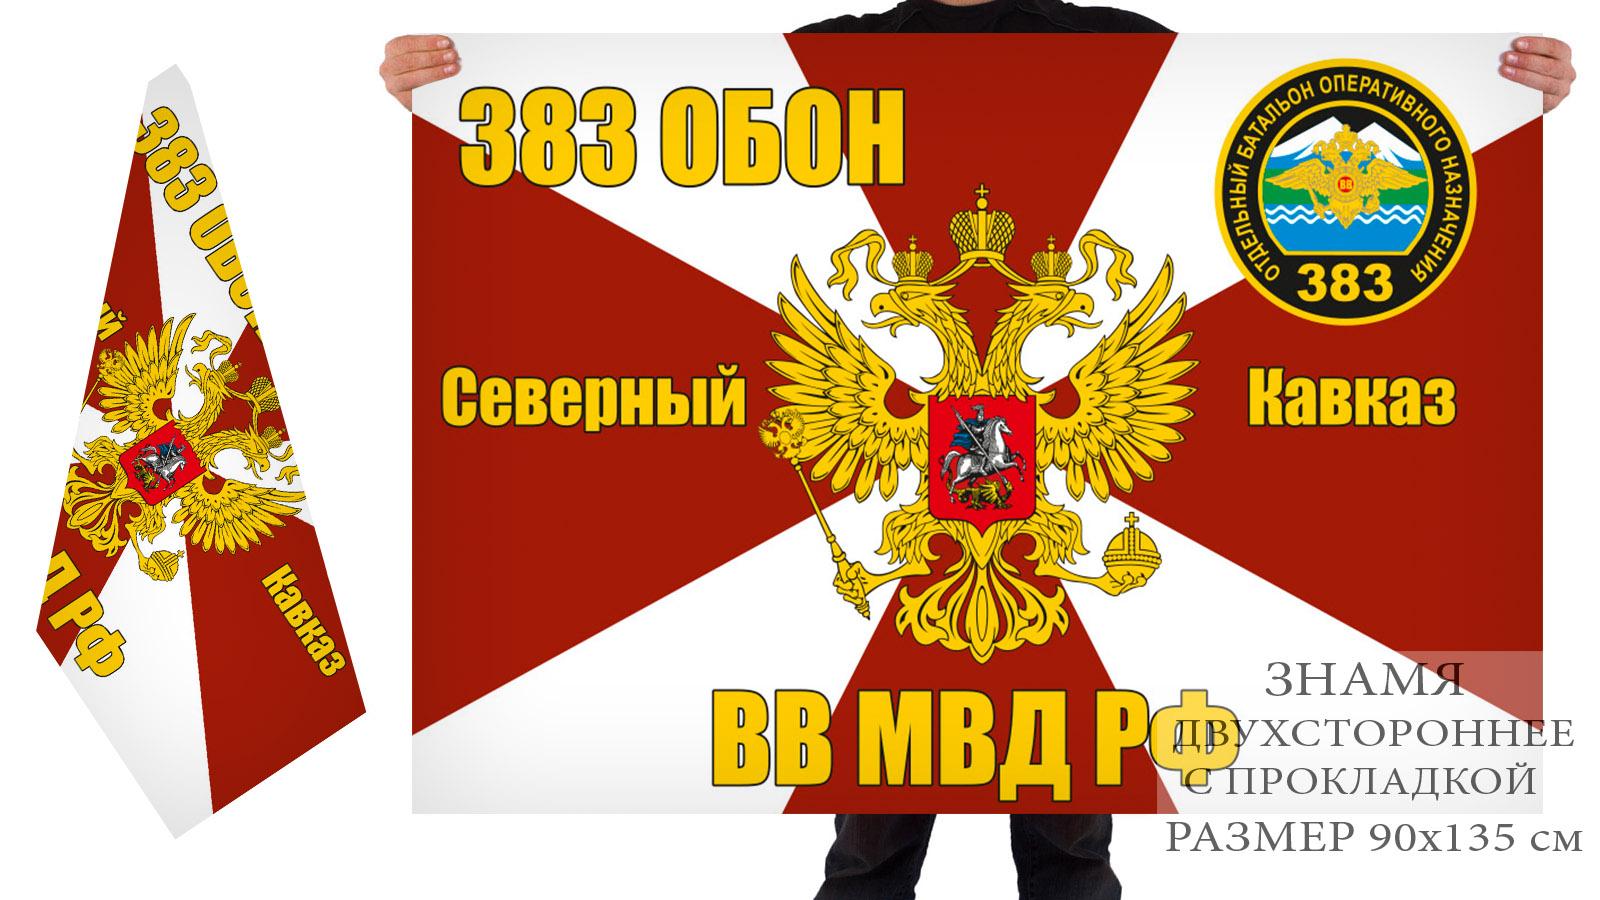 Двусторонний флаг 383 отдельного батальона оперативного назначения ВВ МВД РФ